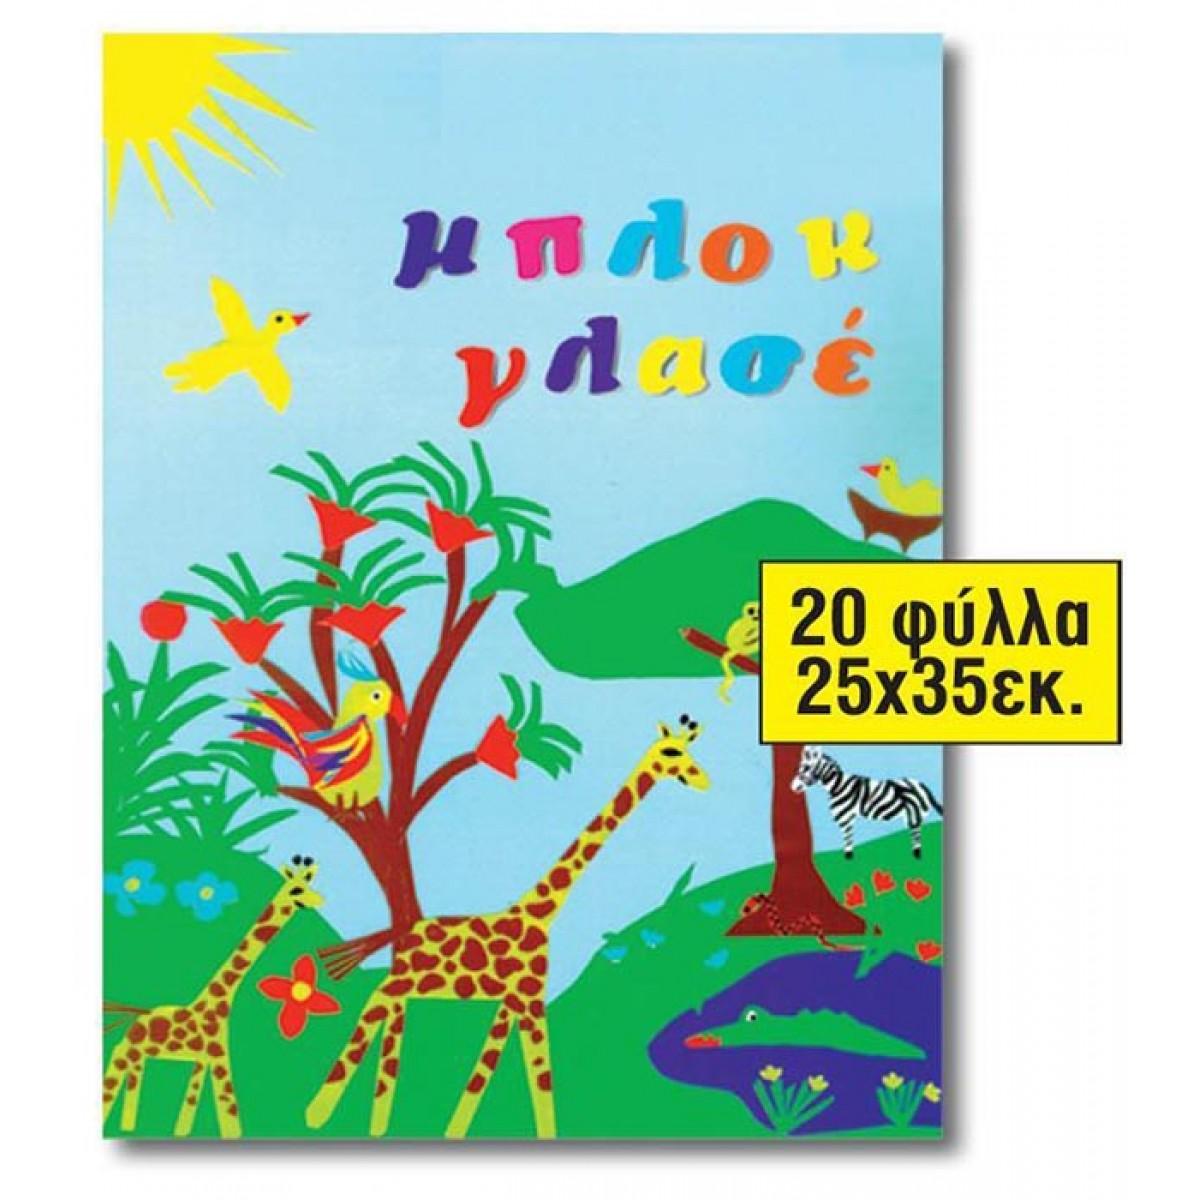 Χαρτί Γλασέ Μπλοκ (20 Φυλ.) Χαρτιά